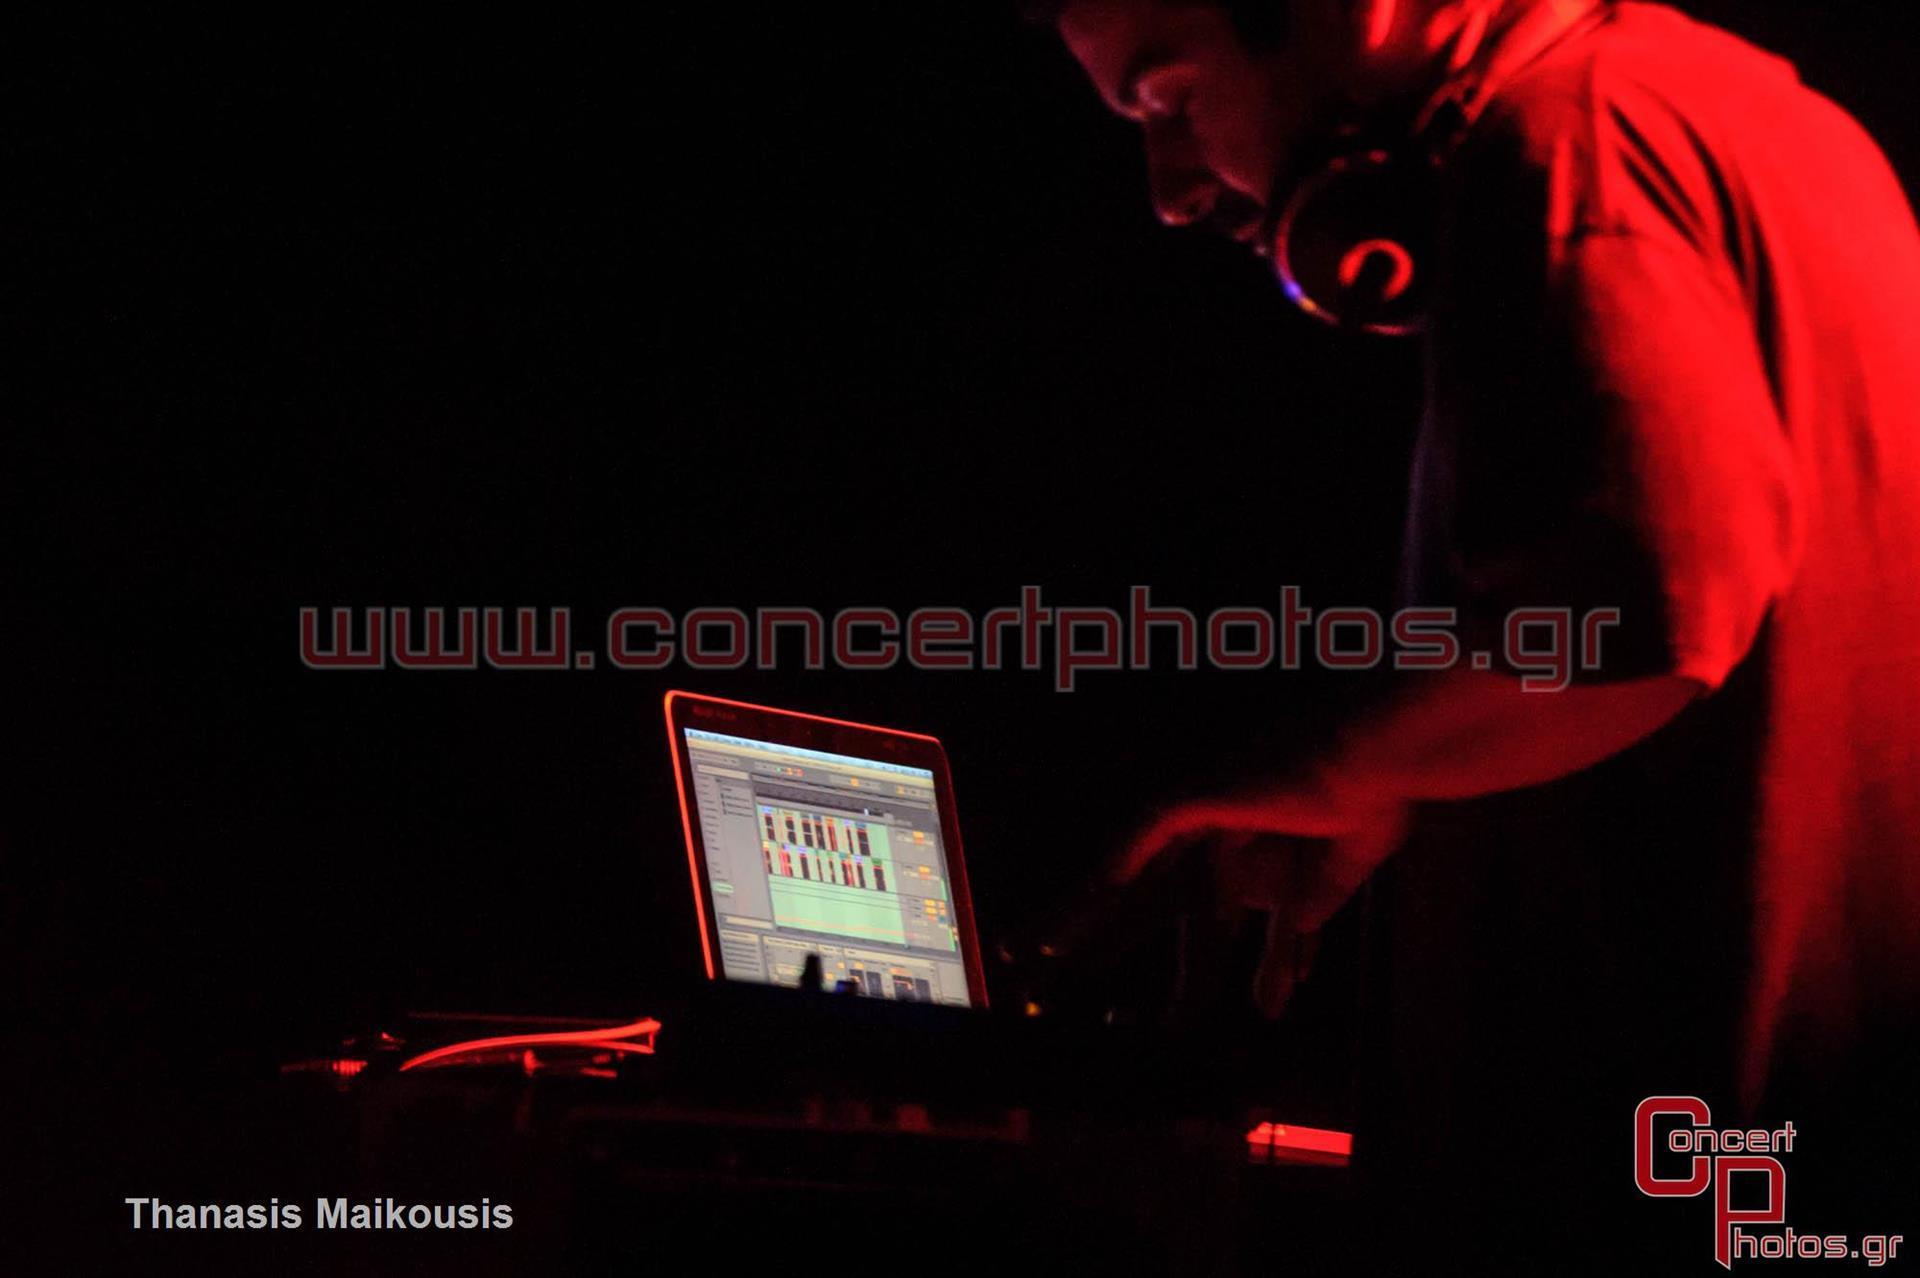 Wax Tailor - photographer: Thanasis Maikousis - ConcertPhotos-7555